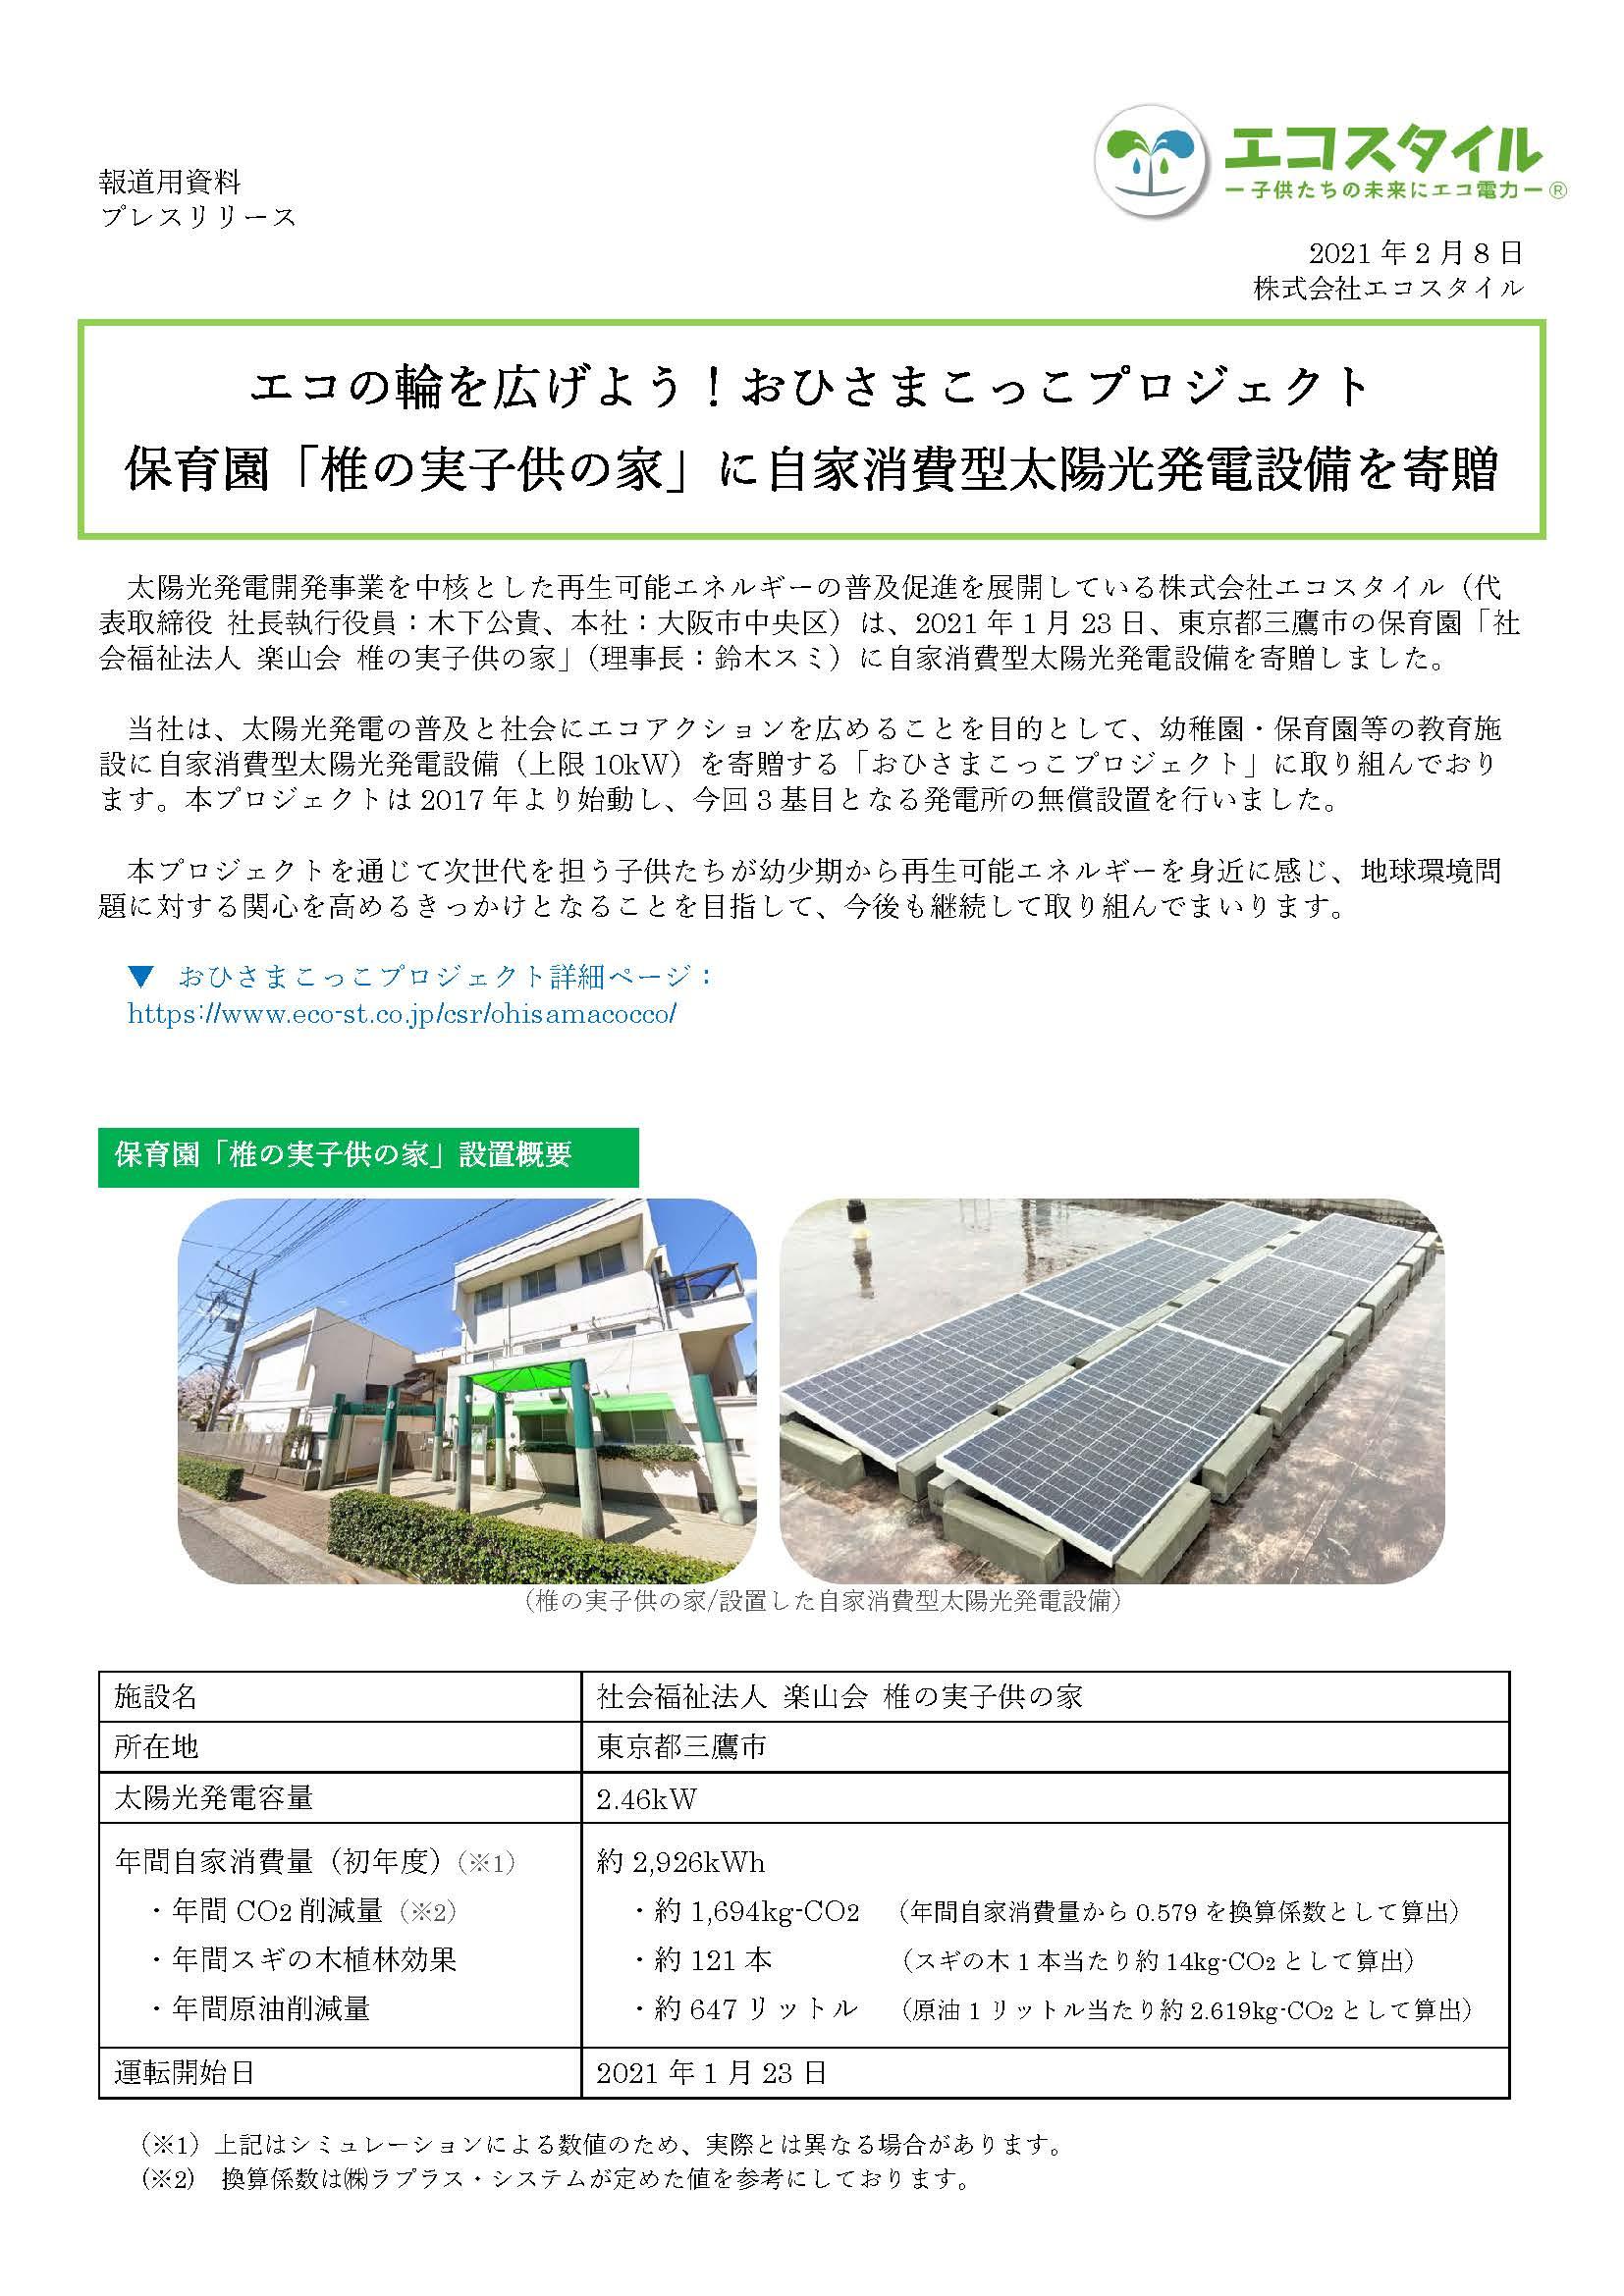 エコの輪を広げよう!おひさまこっこプロジェクト 保育園「椎の実子供の家」に自家消費型太陽光発電設備を寄贈